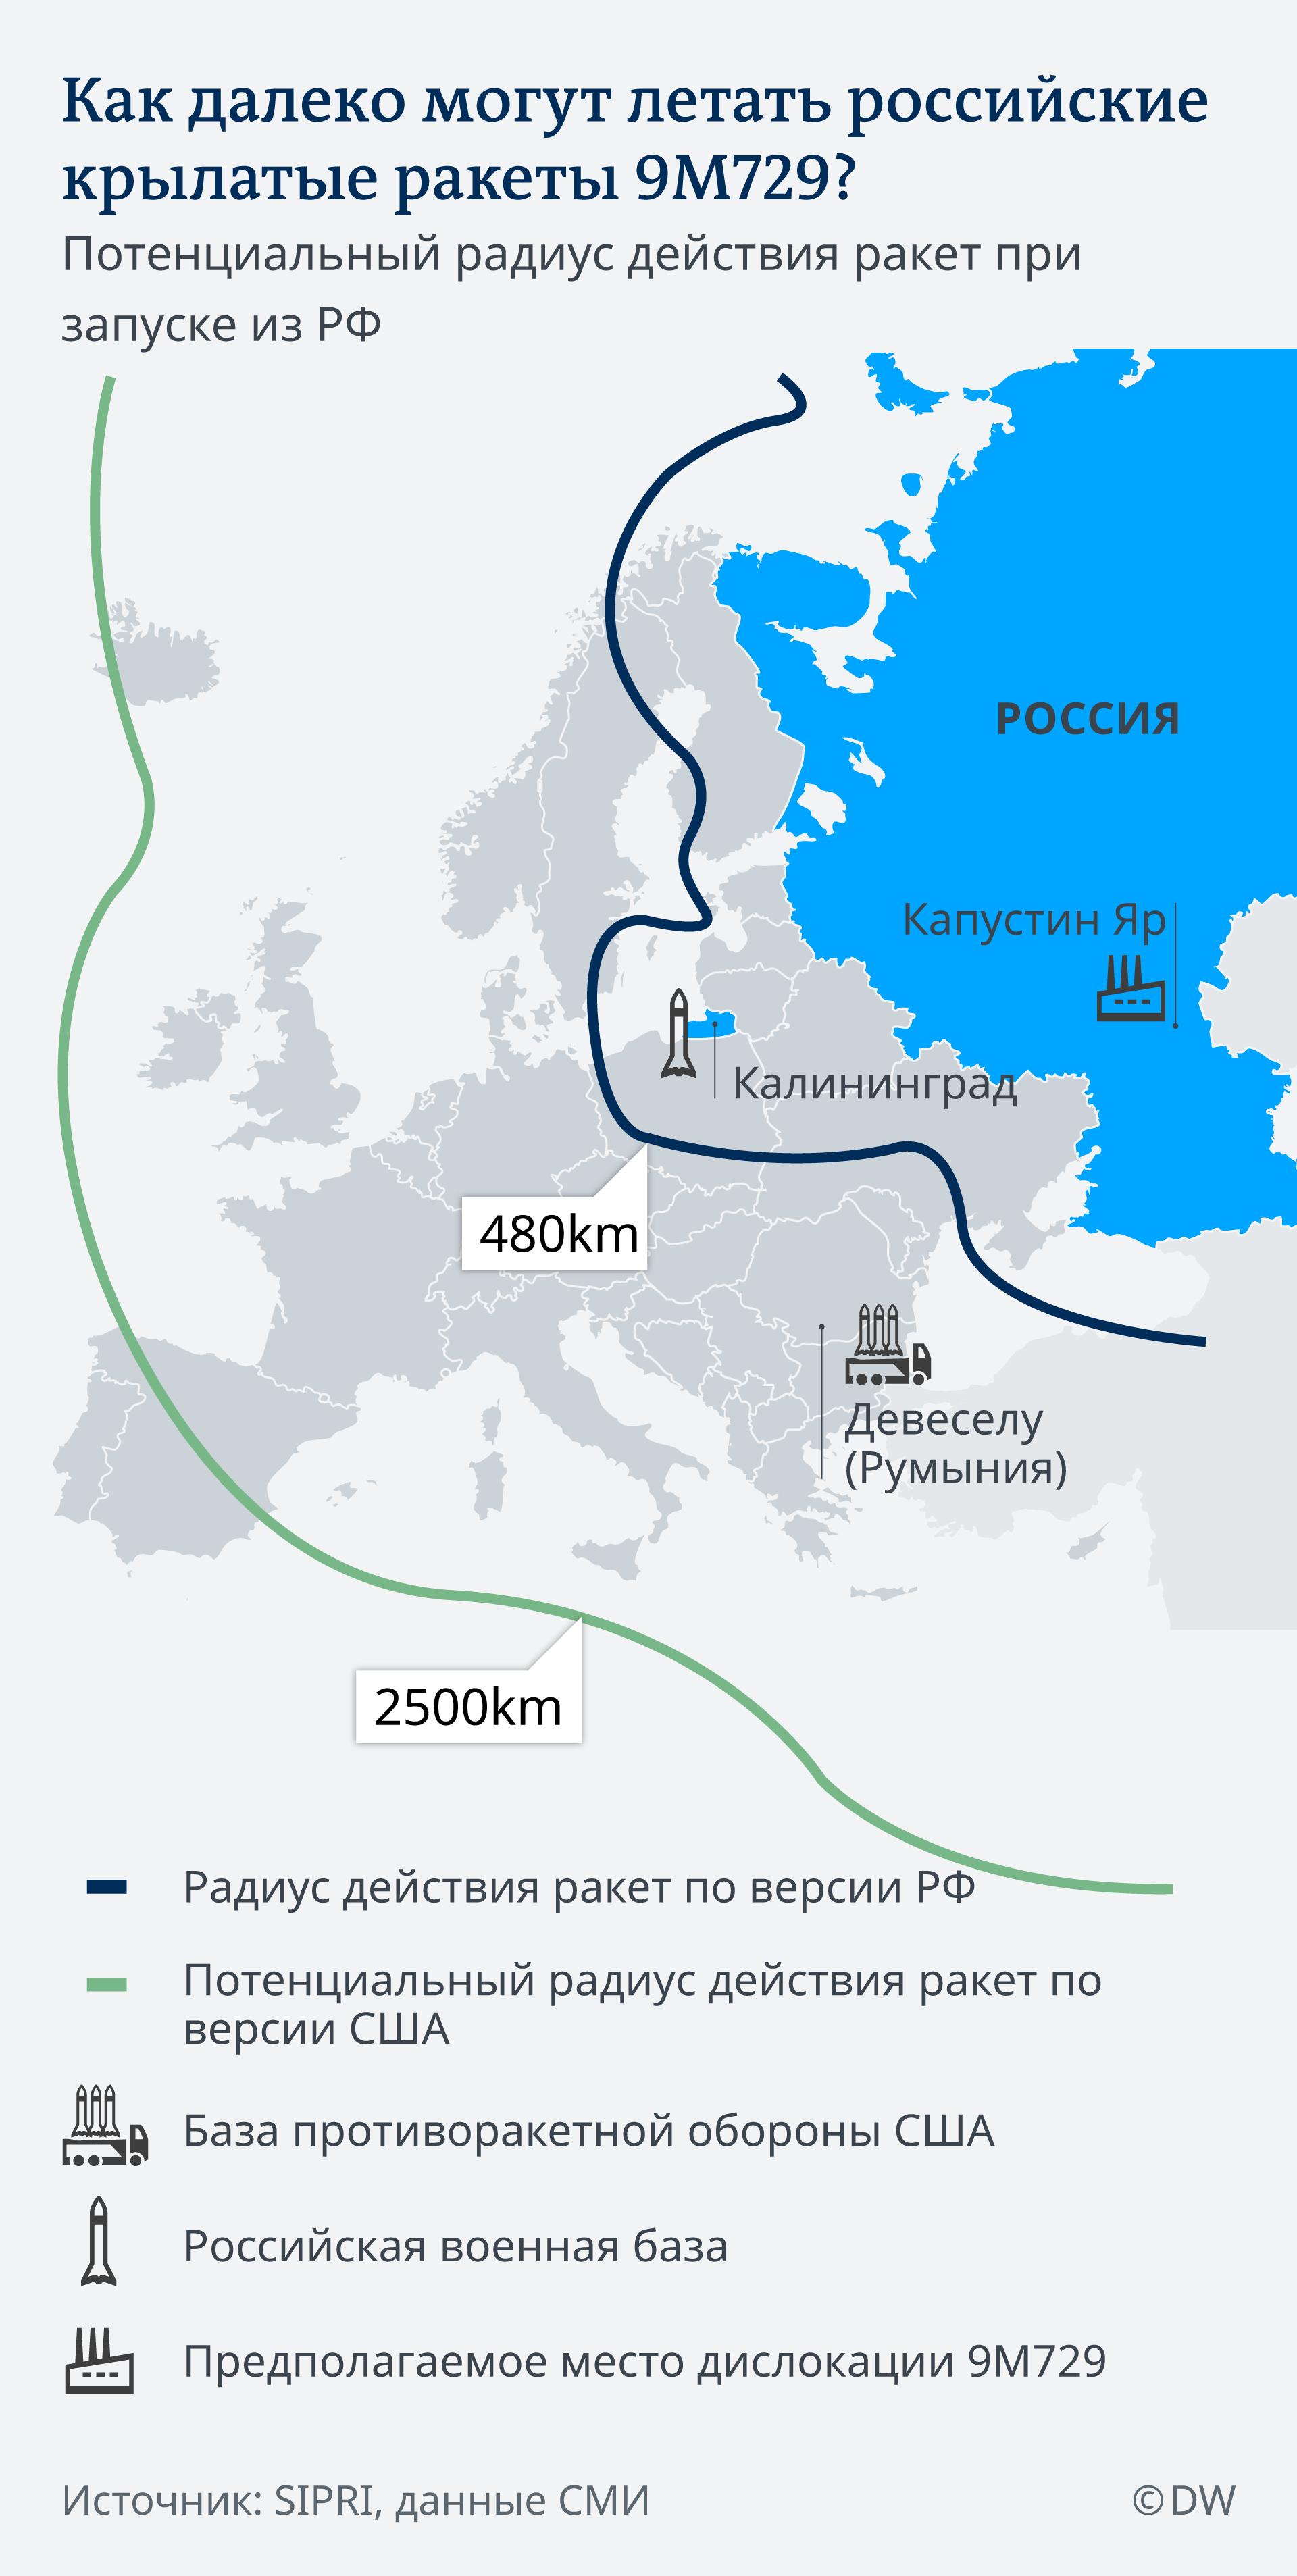 Infografik Wie weit reichen die russischen Marschflugkörper SSC-8 RU